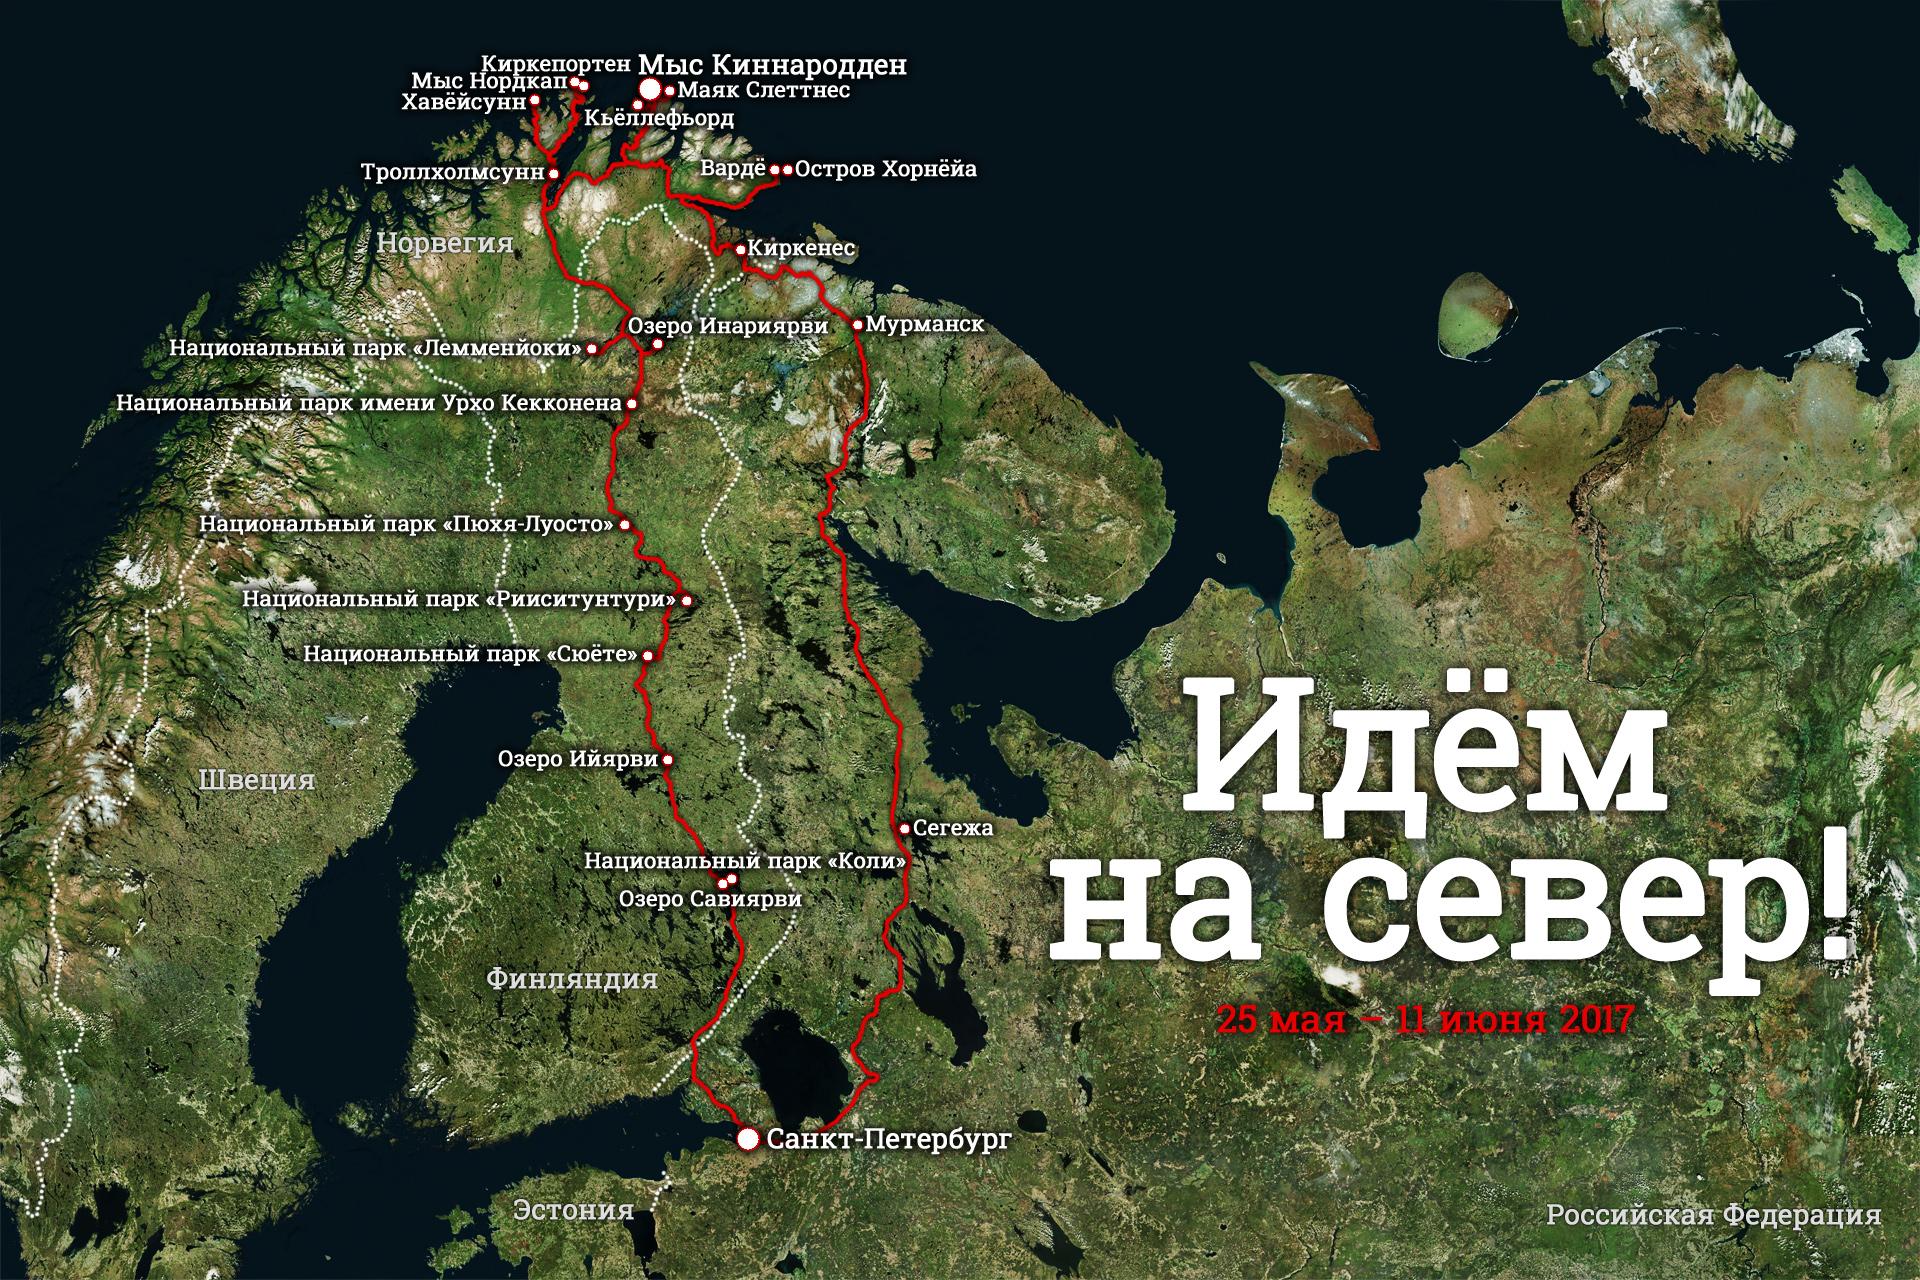 Маршрут путешествия «Идём на север!»